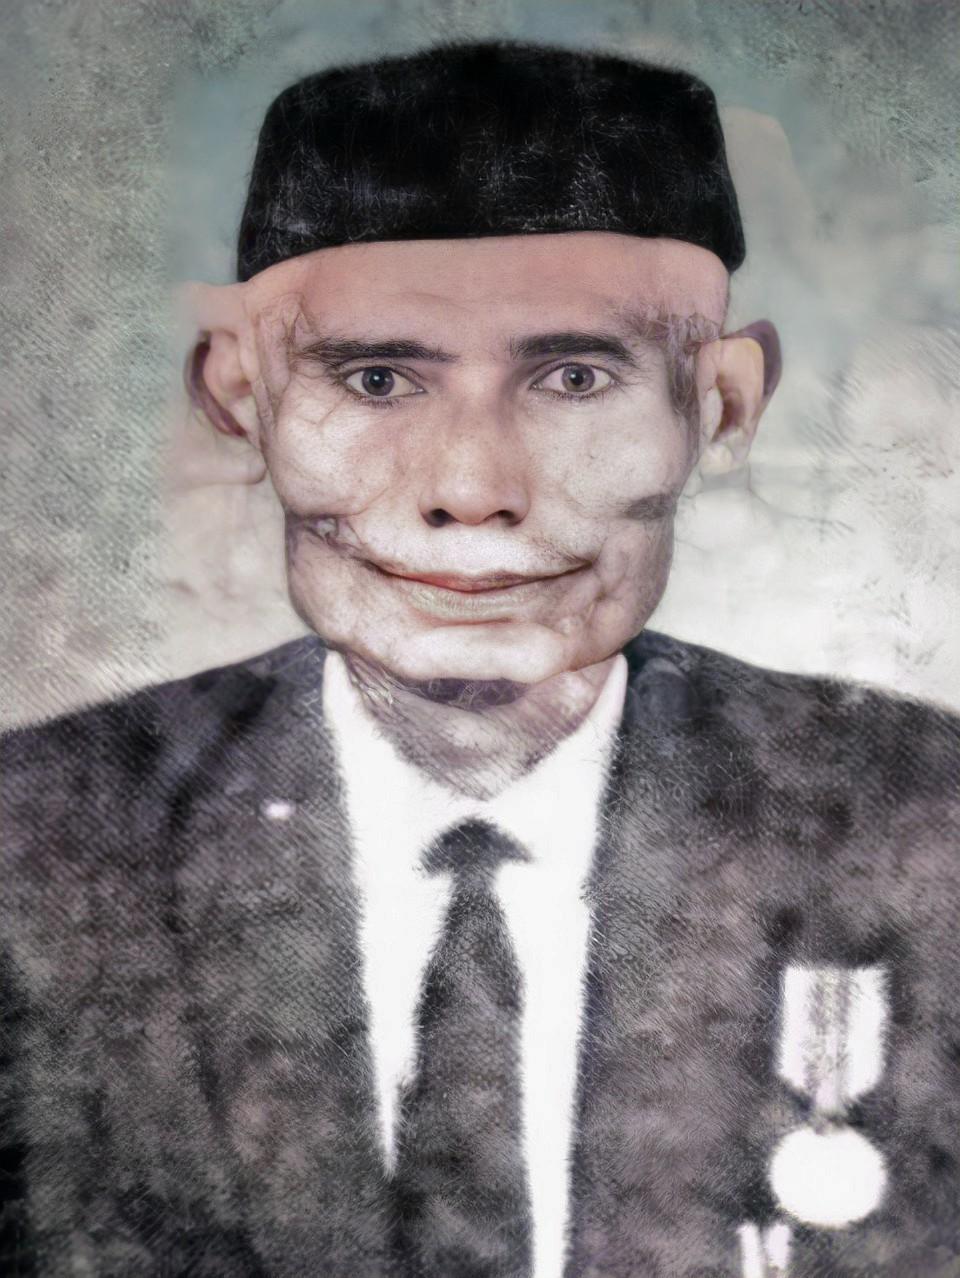 Kumpulan Foto KH. Zubair Umar Jailani, Ahli Falak dari Salatiga (HD)